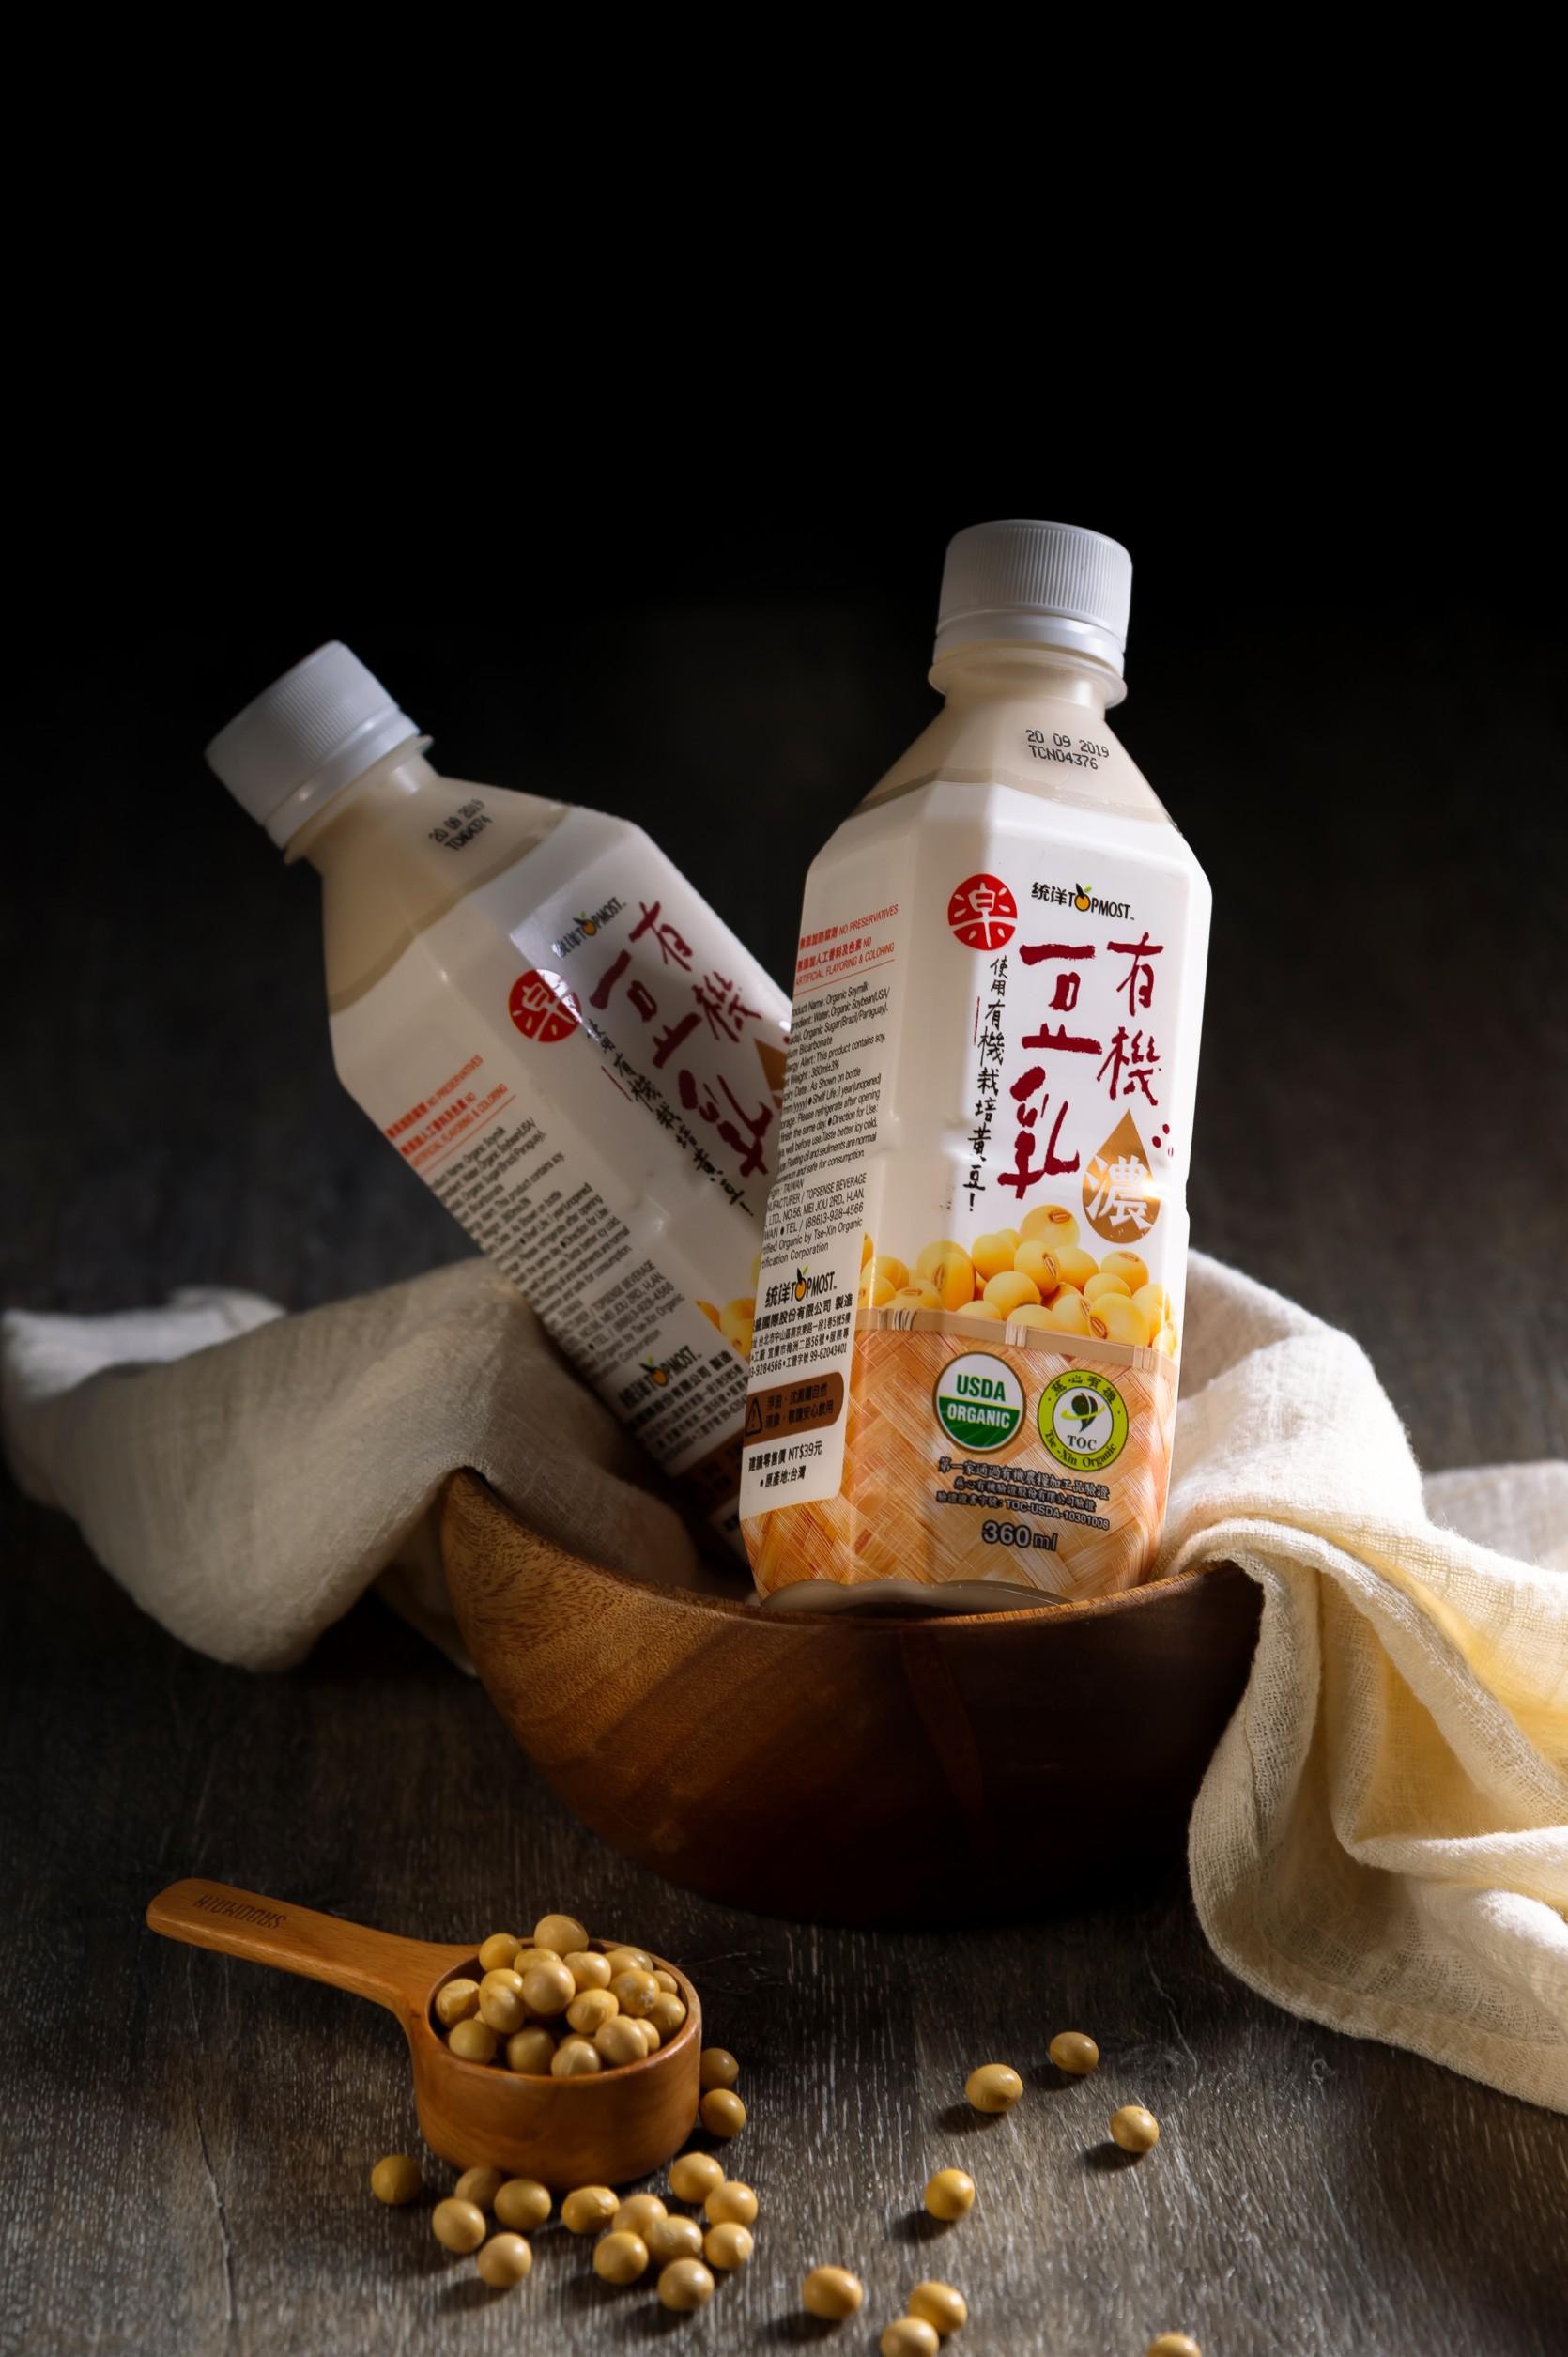 健康、有機、天然、環保 統洋有機全豆豆奶全豆使用、營養滿分